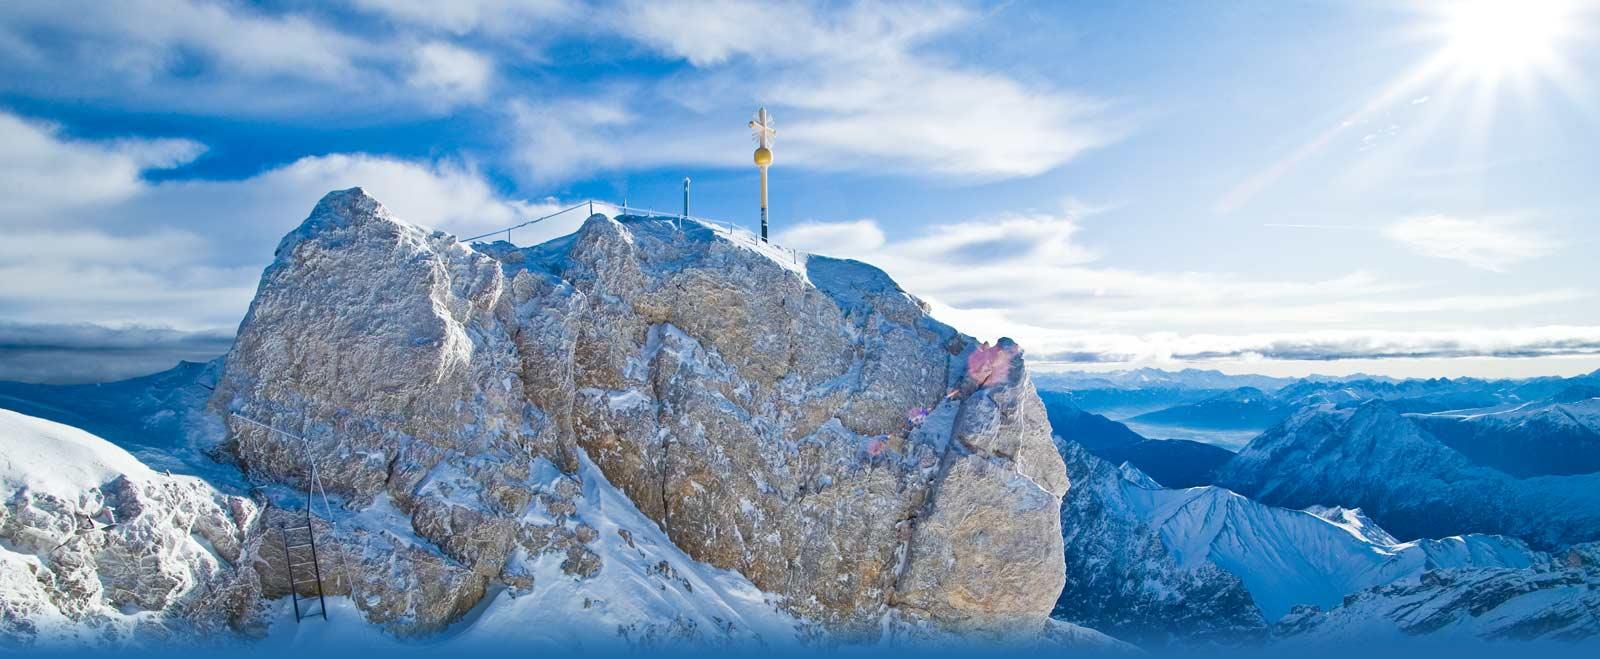 Berggipfel in Garmisch-Partenkirchen